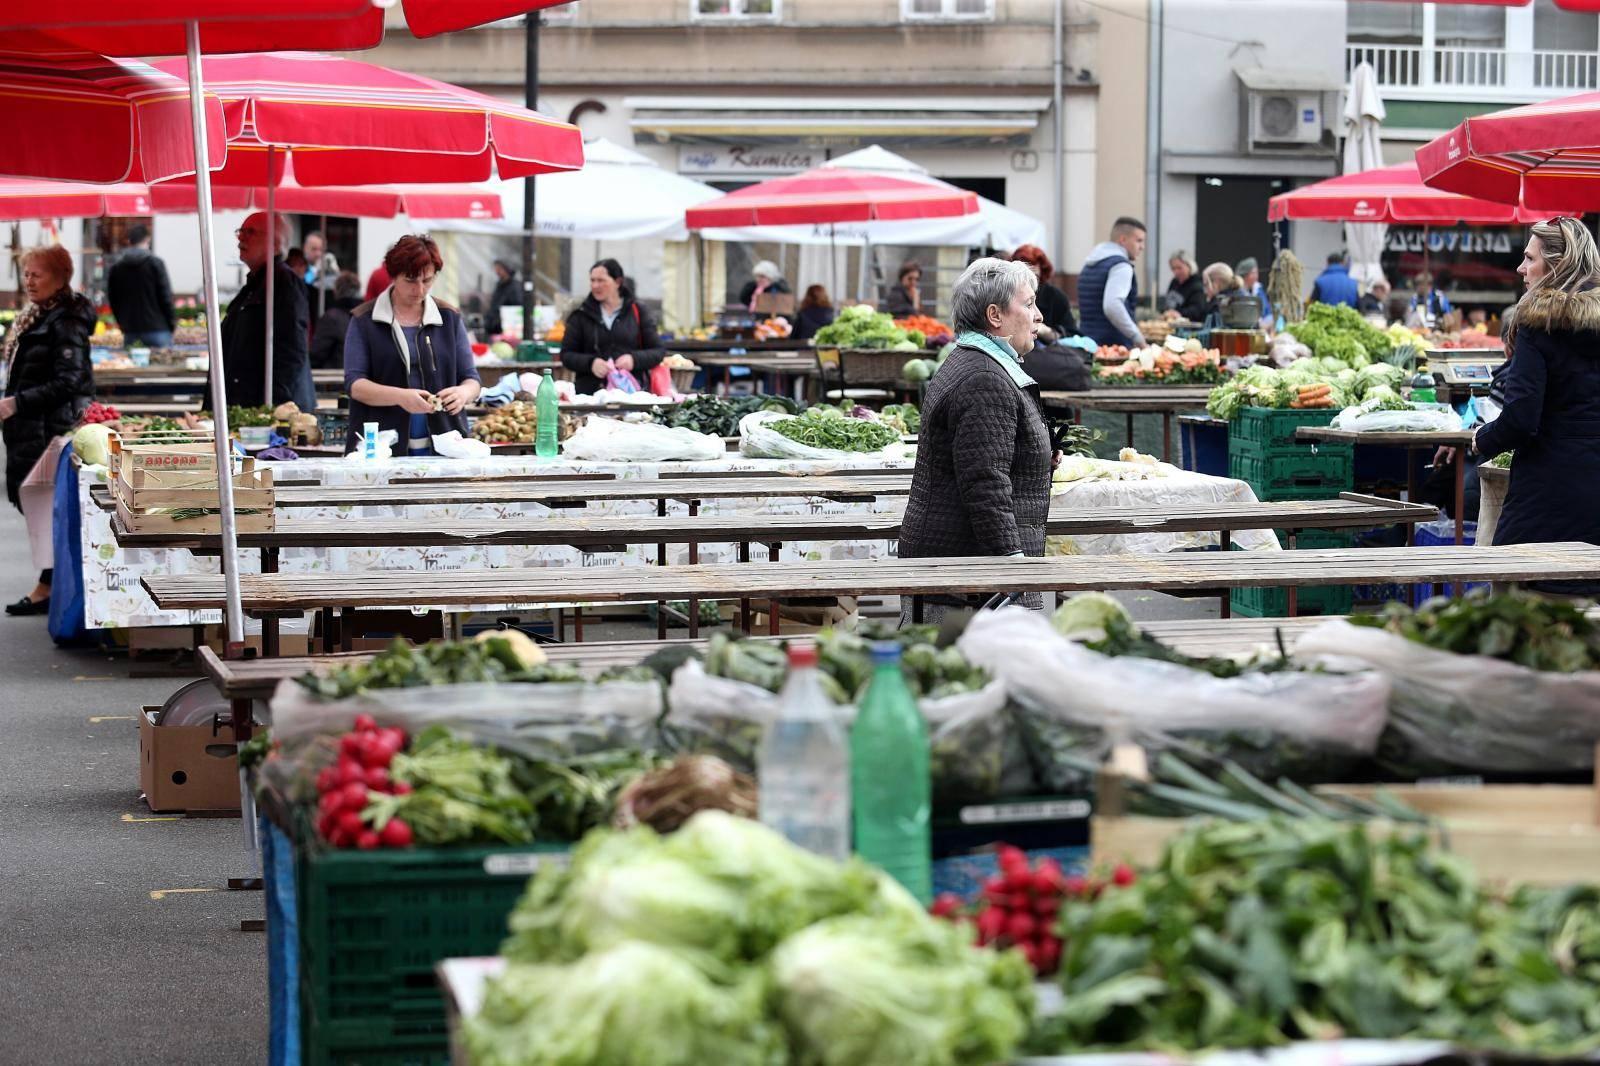 Udruga poljoprivrednika traži: 'Hitno otvorite sve tržnice'